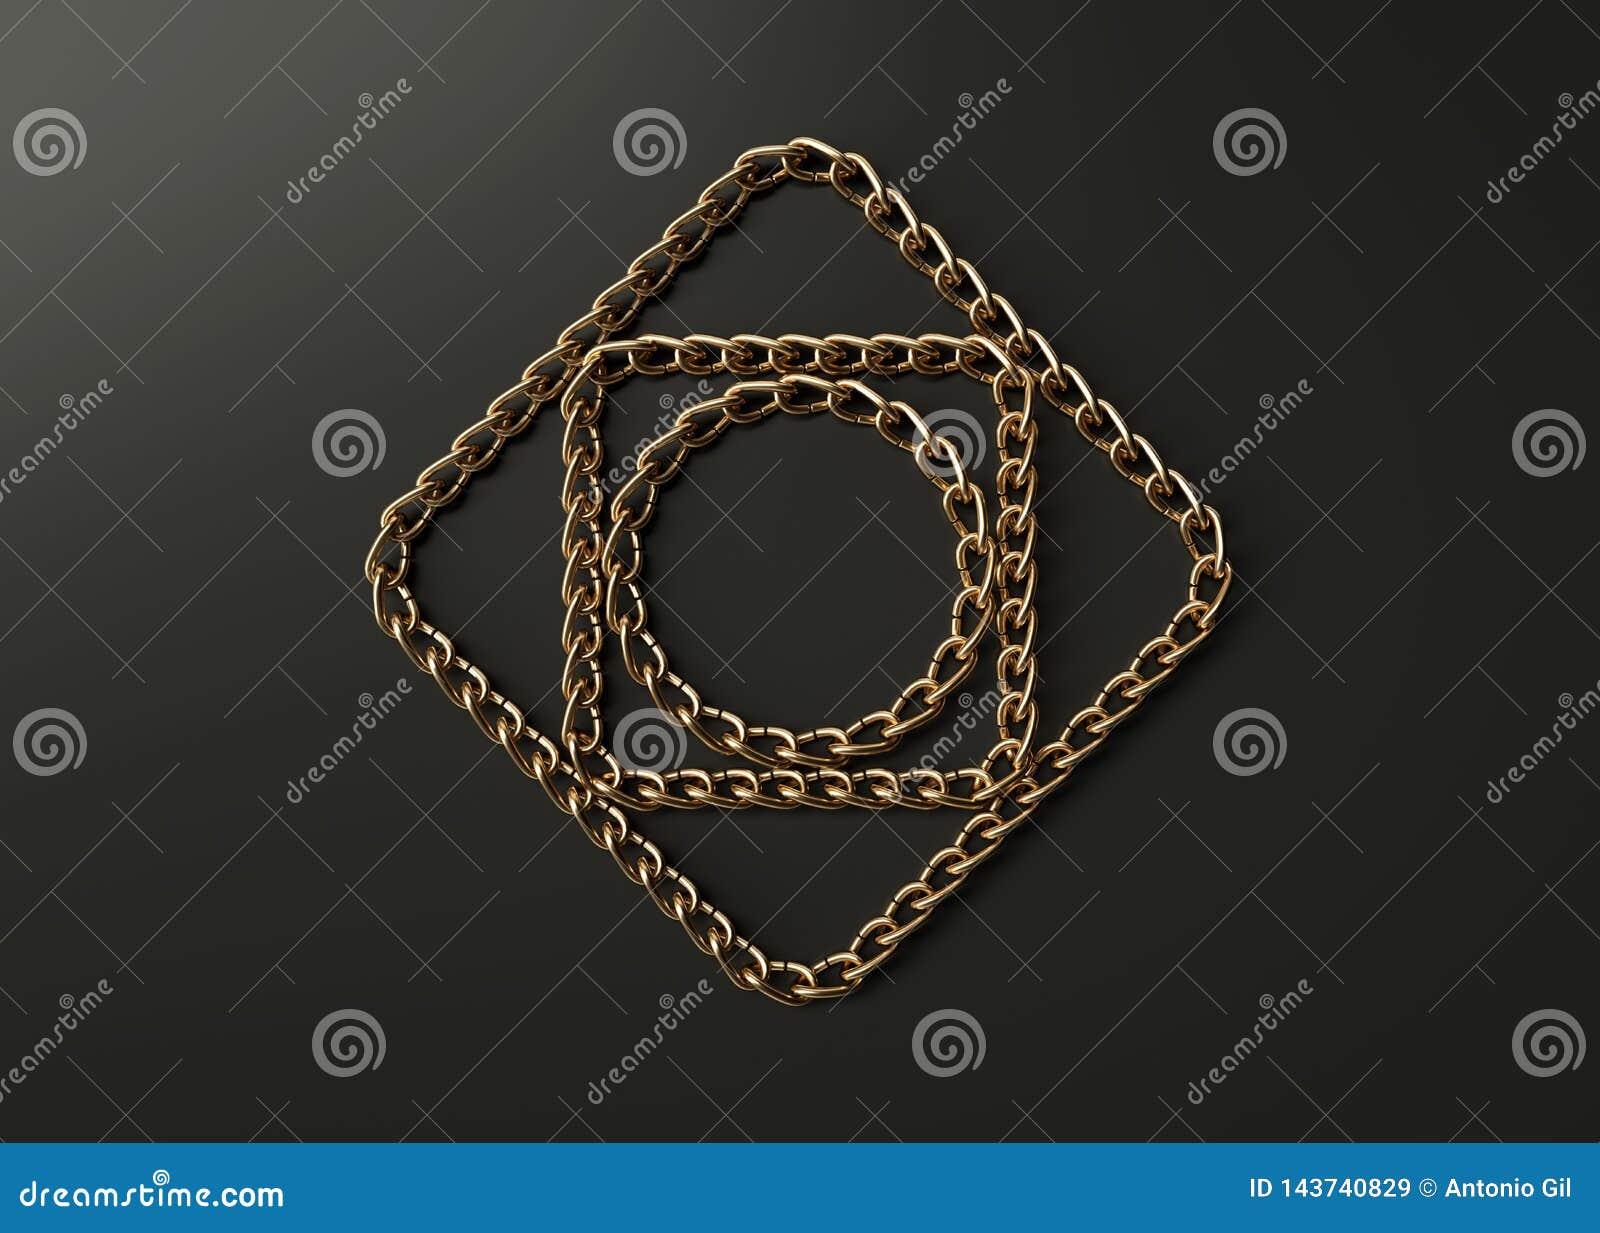 Golden chains motif